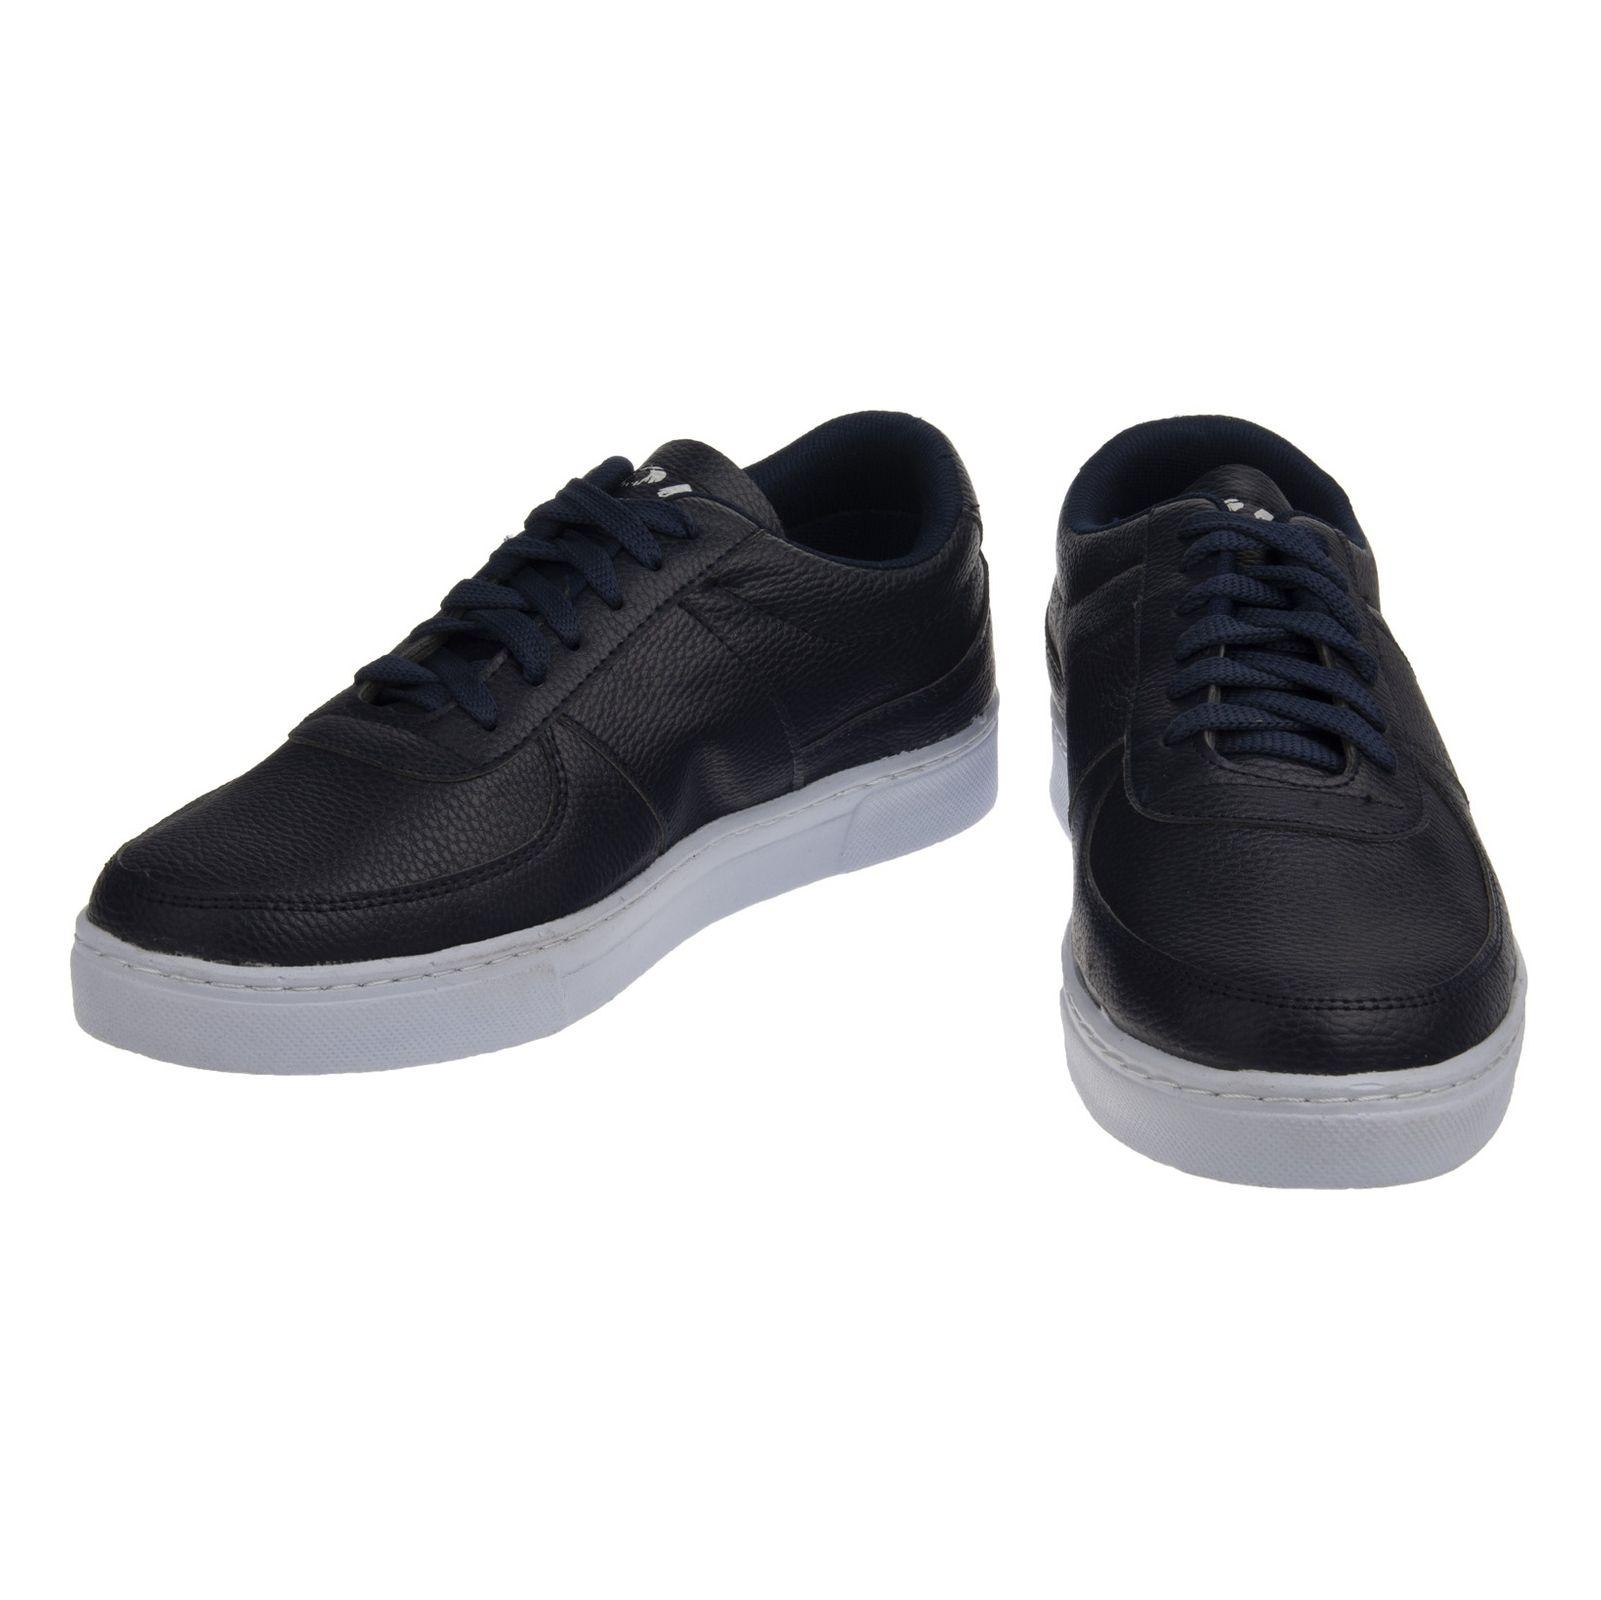 تصویر کفش ورزشی مردانه اسپرت من مدل 39905-13